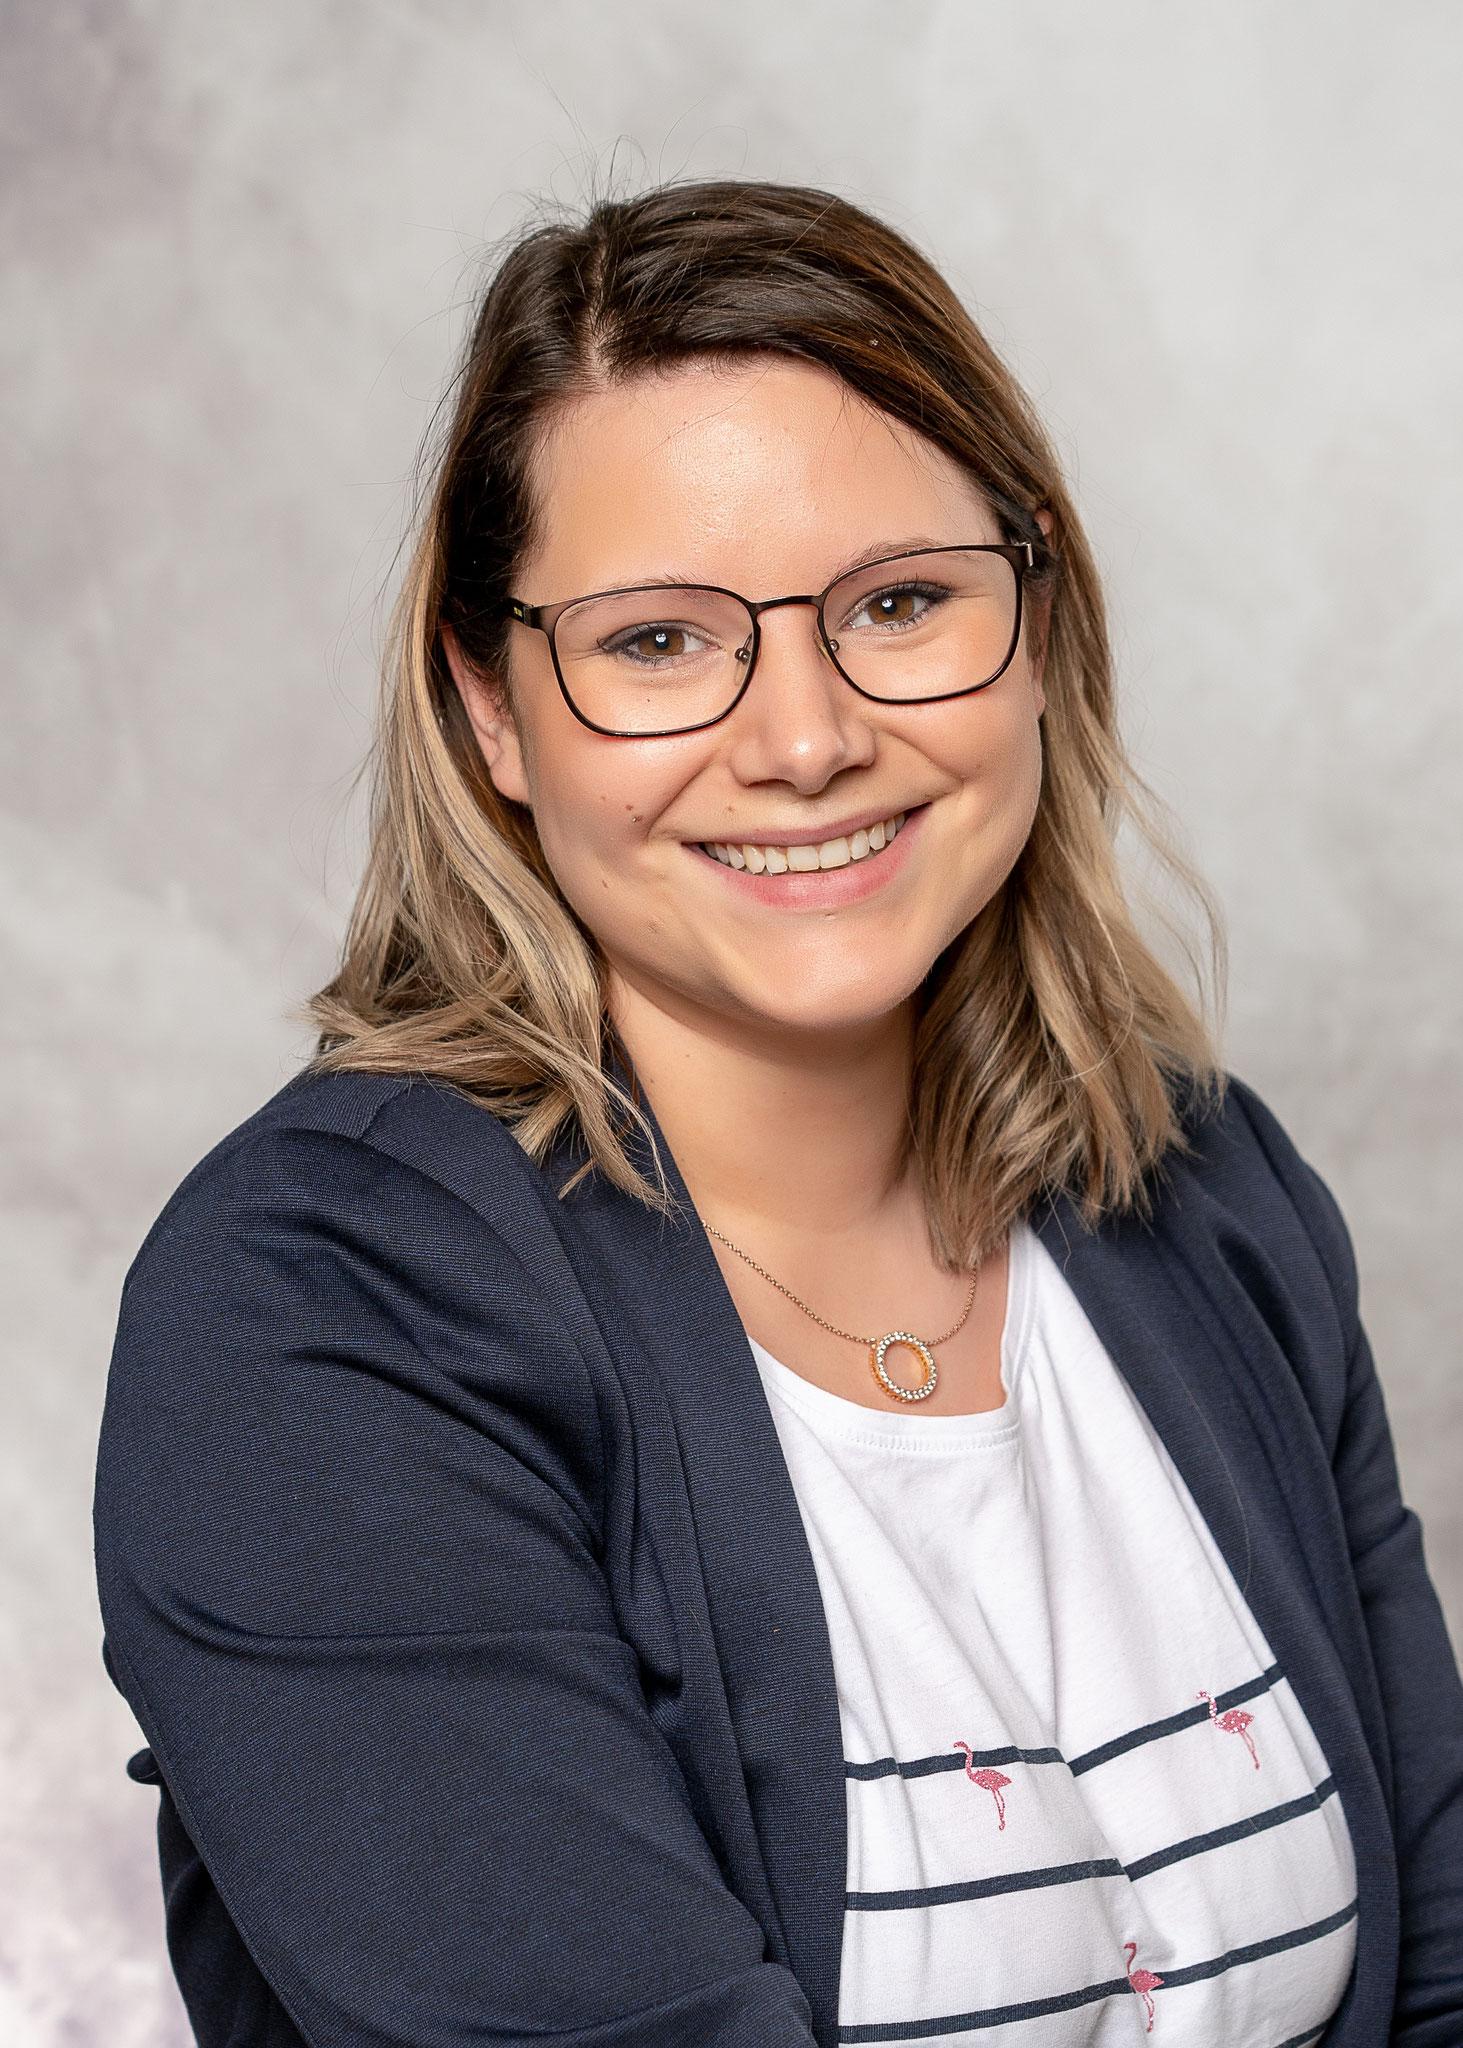 Sarah Fechter